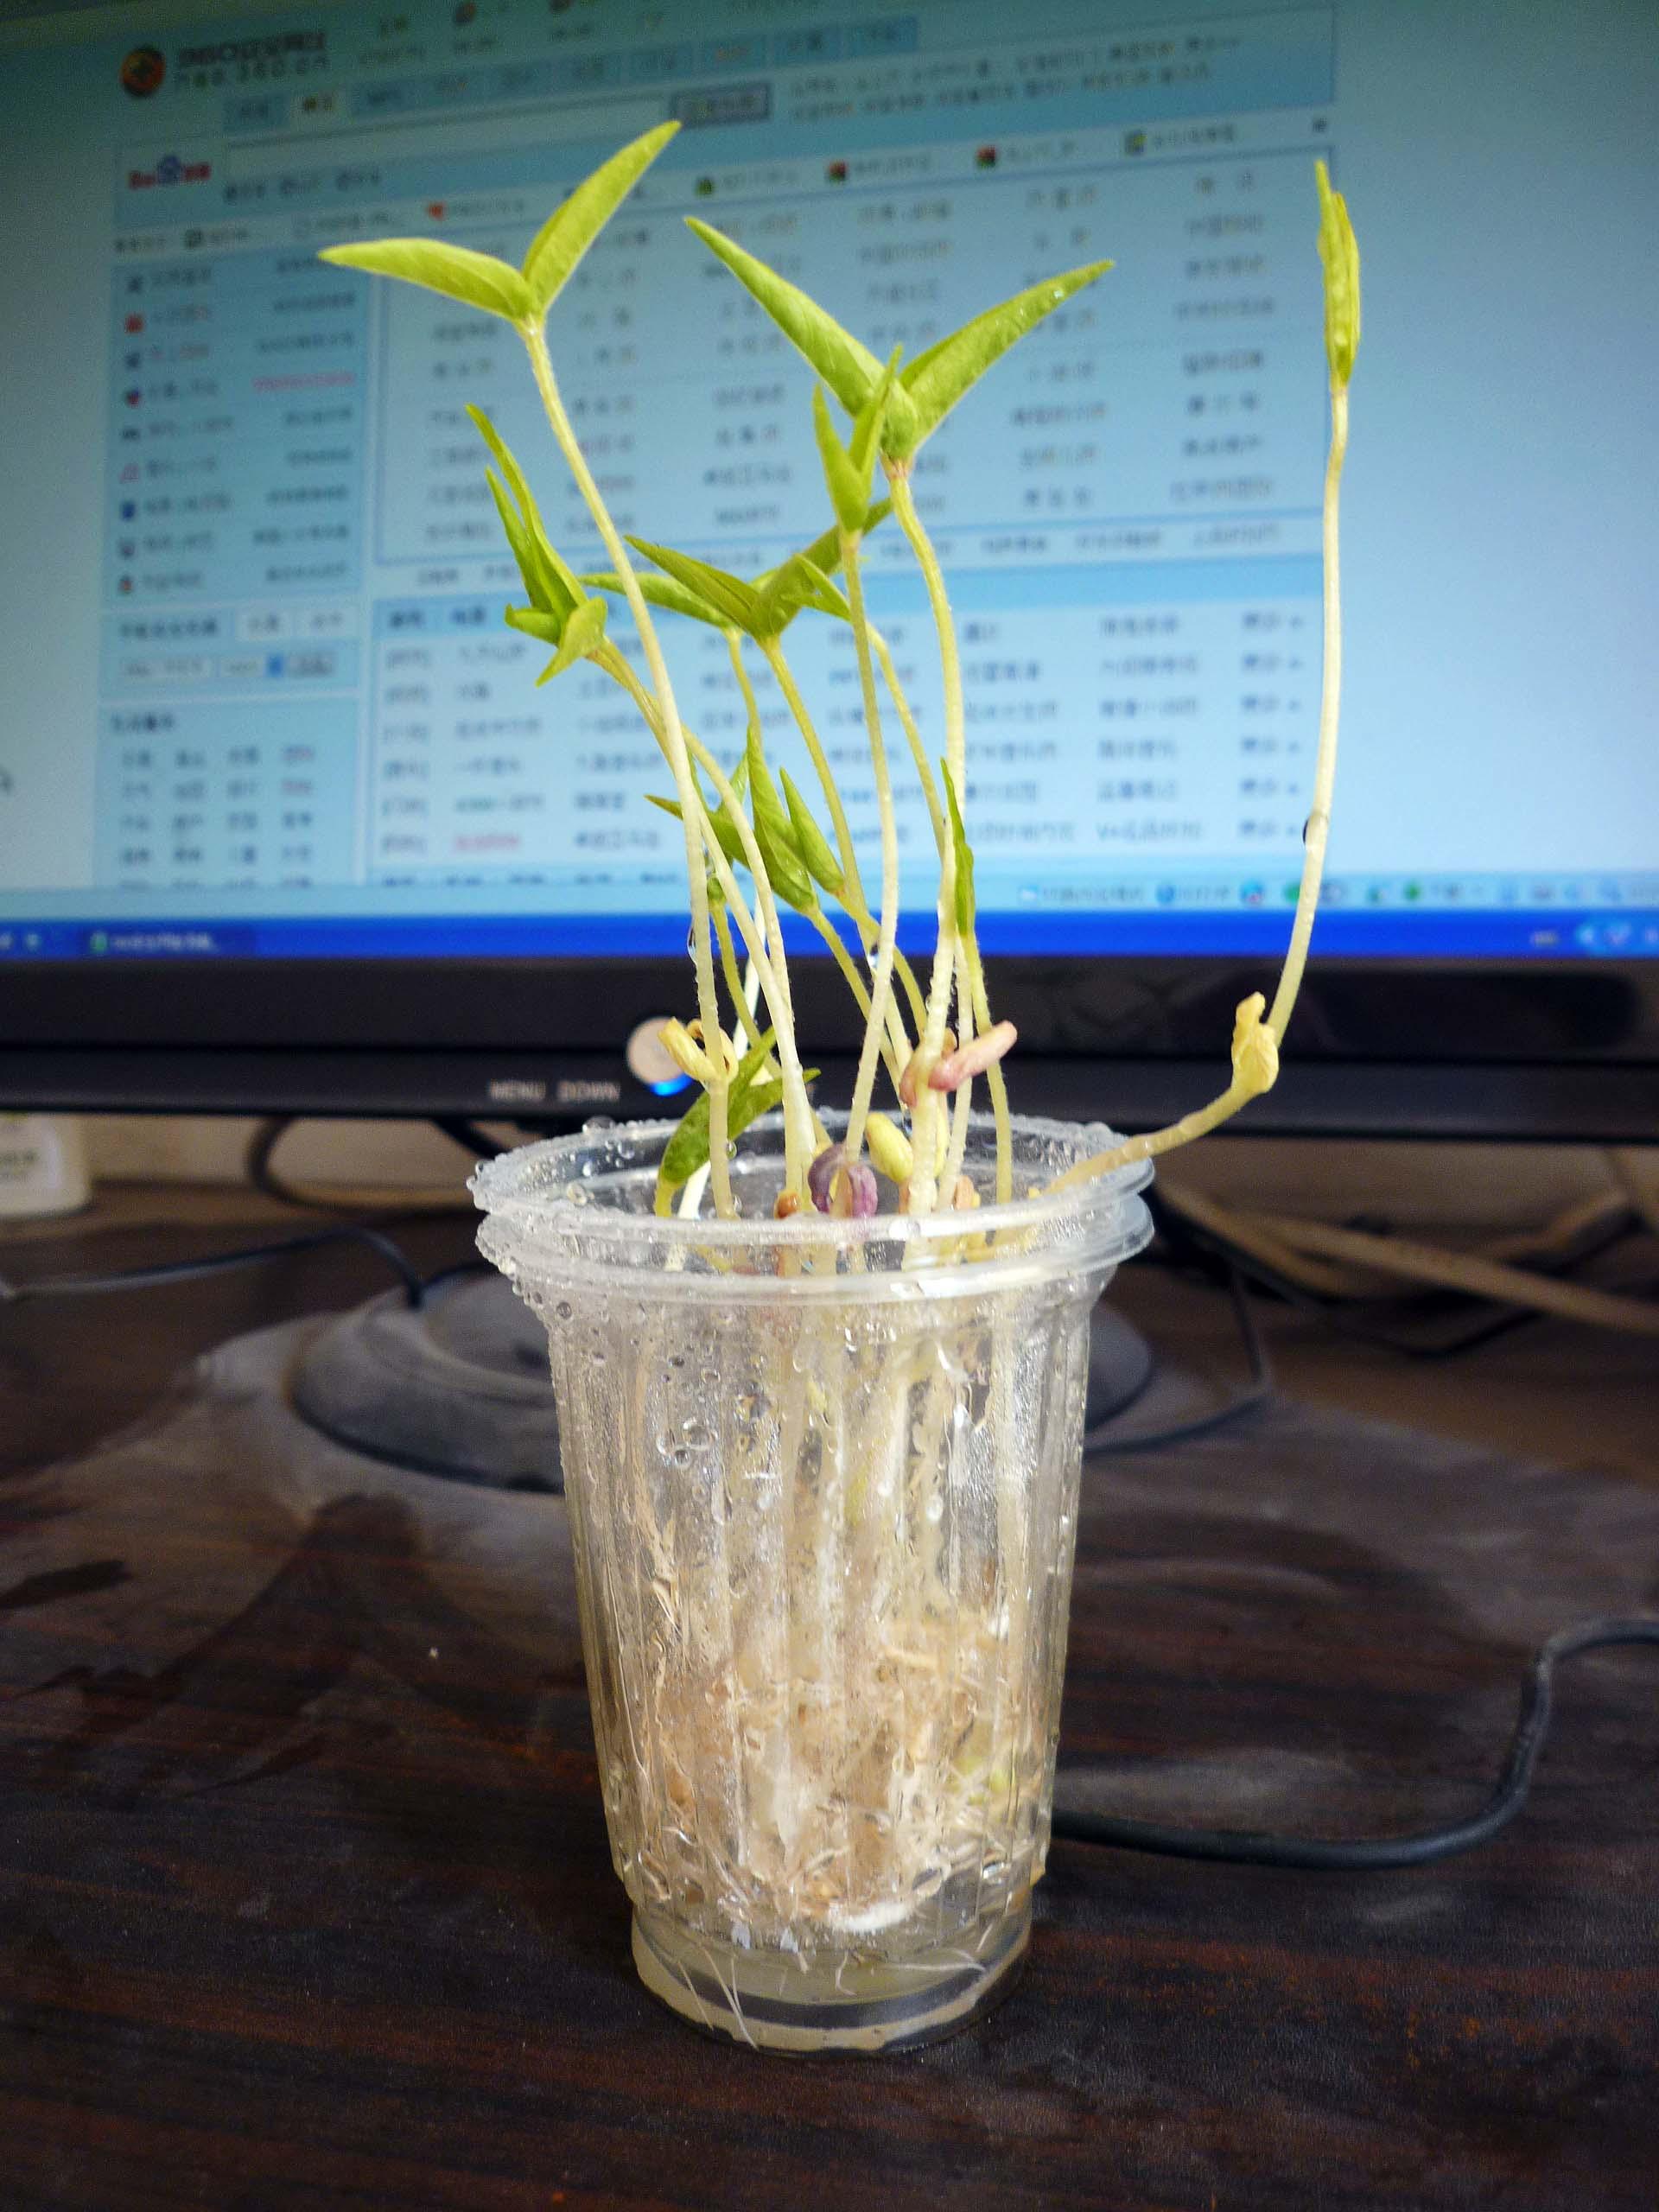 什么种子好发芽